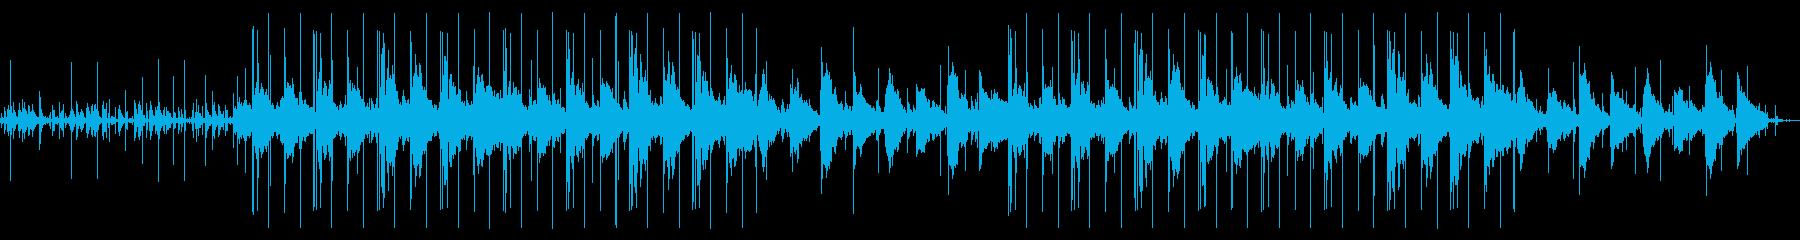 静かなオルゴールのチル・ヒップホップの再生済みの波形